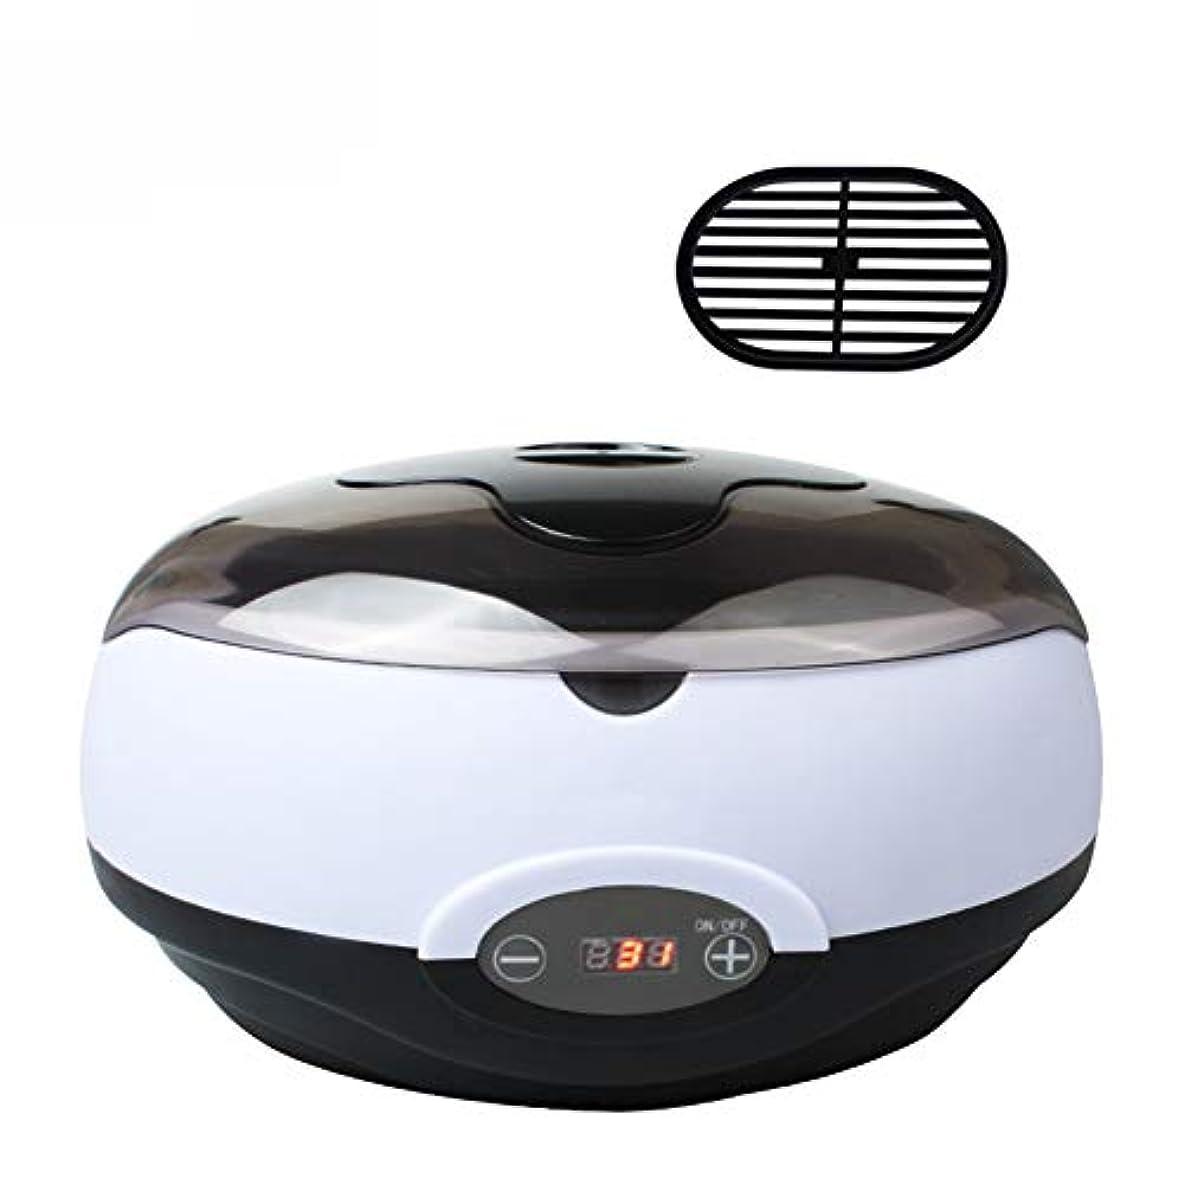 基礎緩やかな悪の保湿パラフィン浴電気2.8Lポットヒーター電気ホットパラフィンワックスウォーマースパバスLCD温度表示用固体ワックスブロック